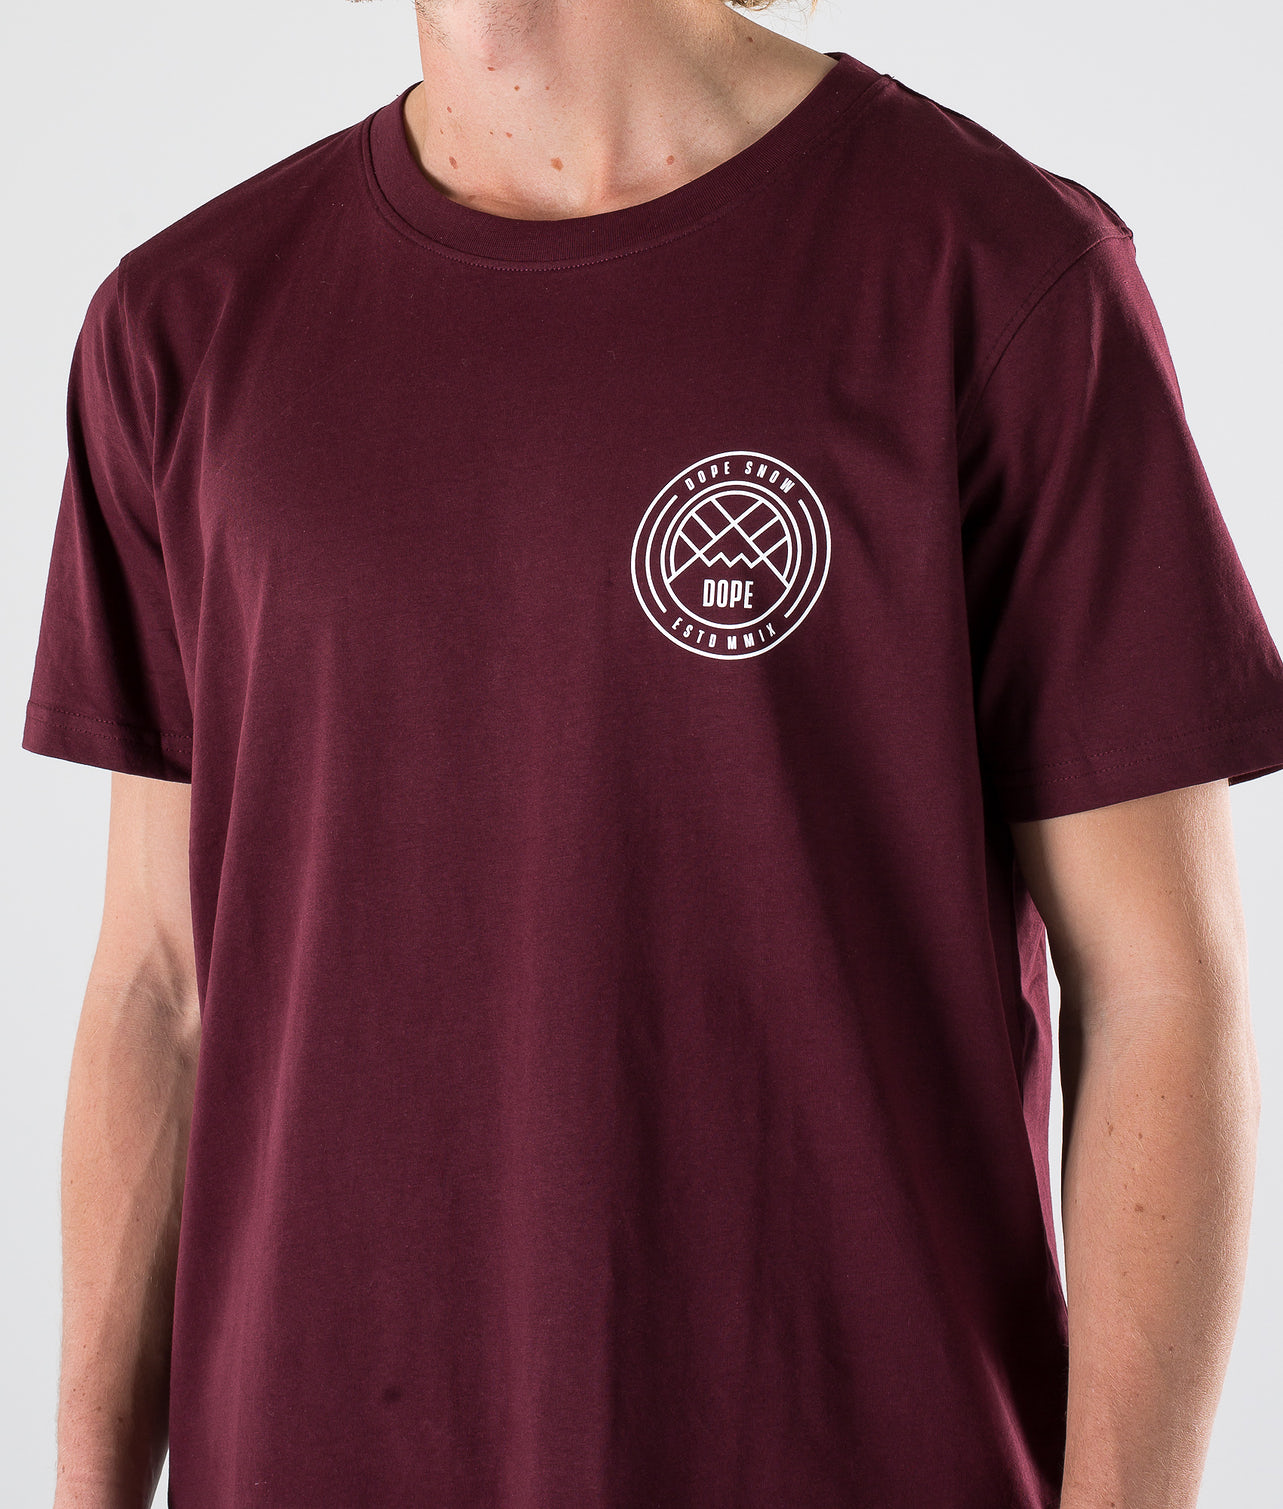 Kjøp Lines T-shirt fra Dope på Ridestore.no - Hos oss har du alltid fri frakt, fri retur og 30 dagers åpent kjøp!